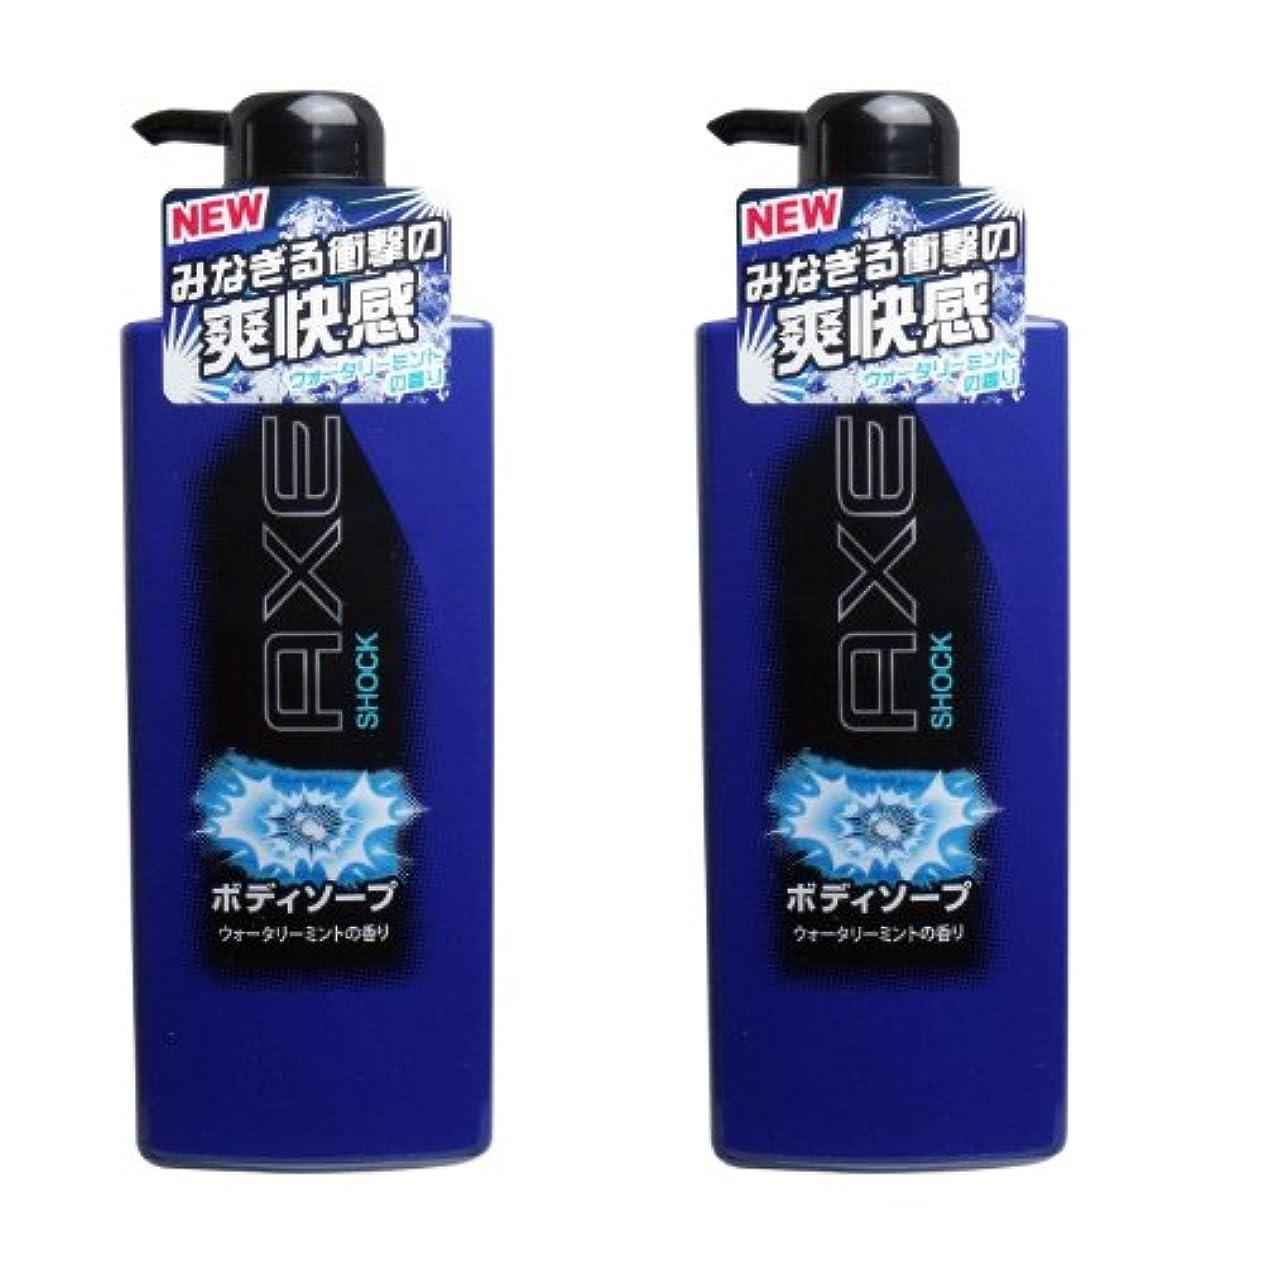 禁じるかまど伝統AXE(アックス) ボディソープの2点セット (ショック ウォータリーミントの香り)